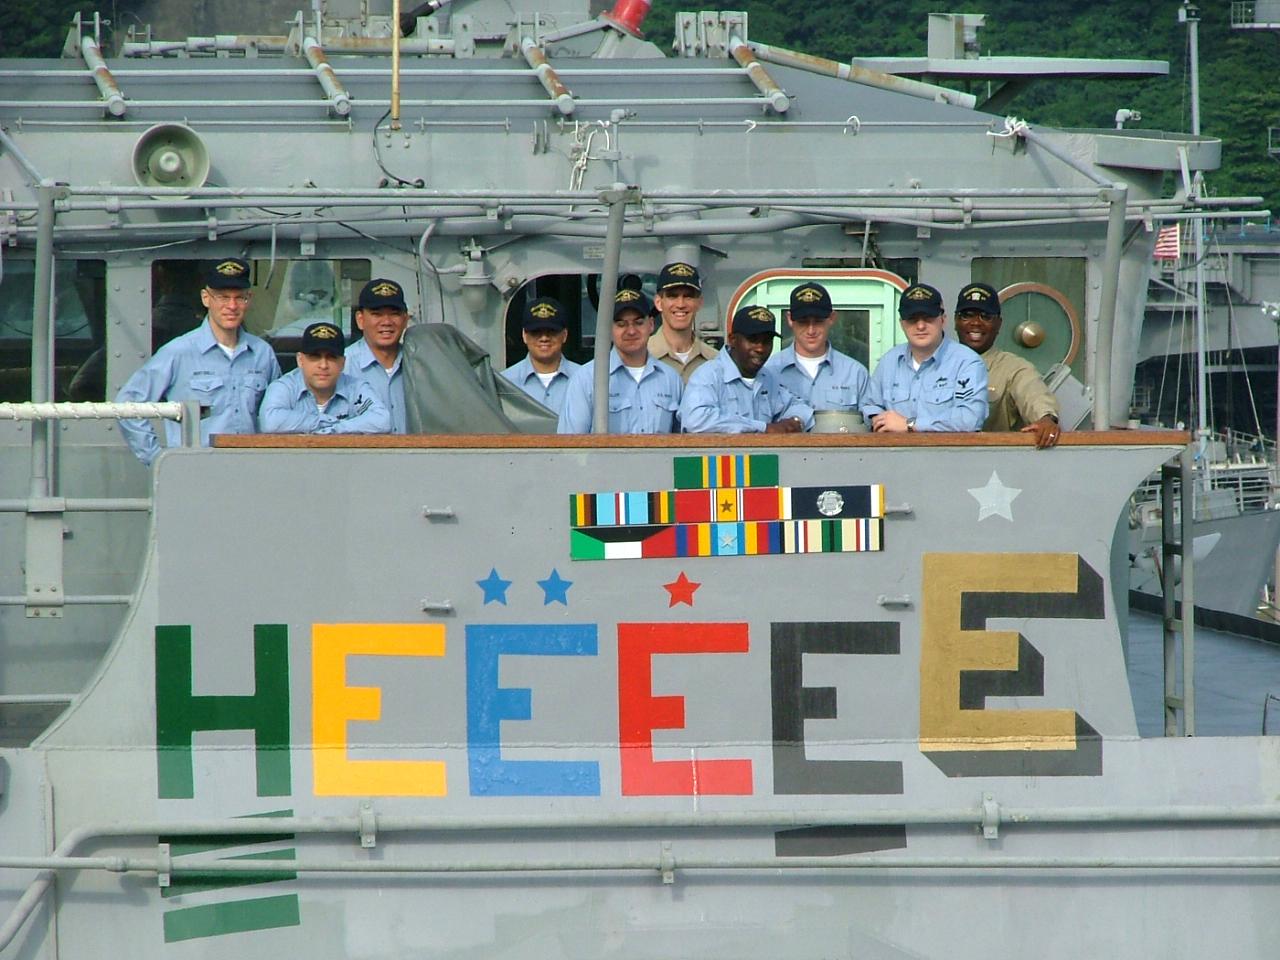 US_Navy_040712-N-0000X-001_Gold_Battle_E_aboard_USS_Chancellorsville_%28CG_62%29.jpg